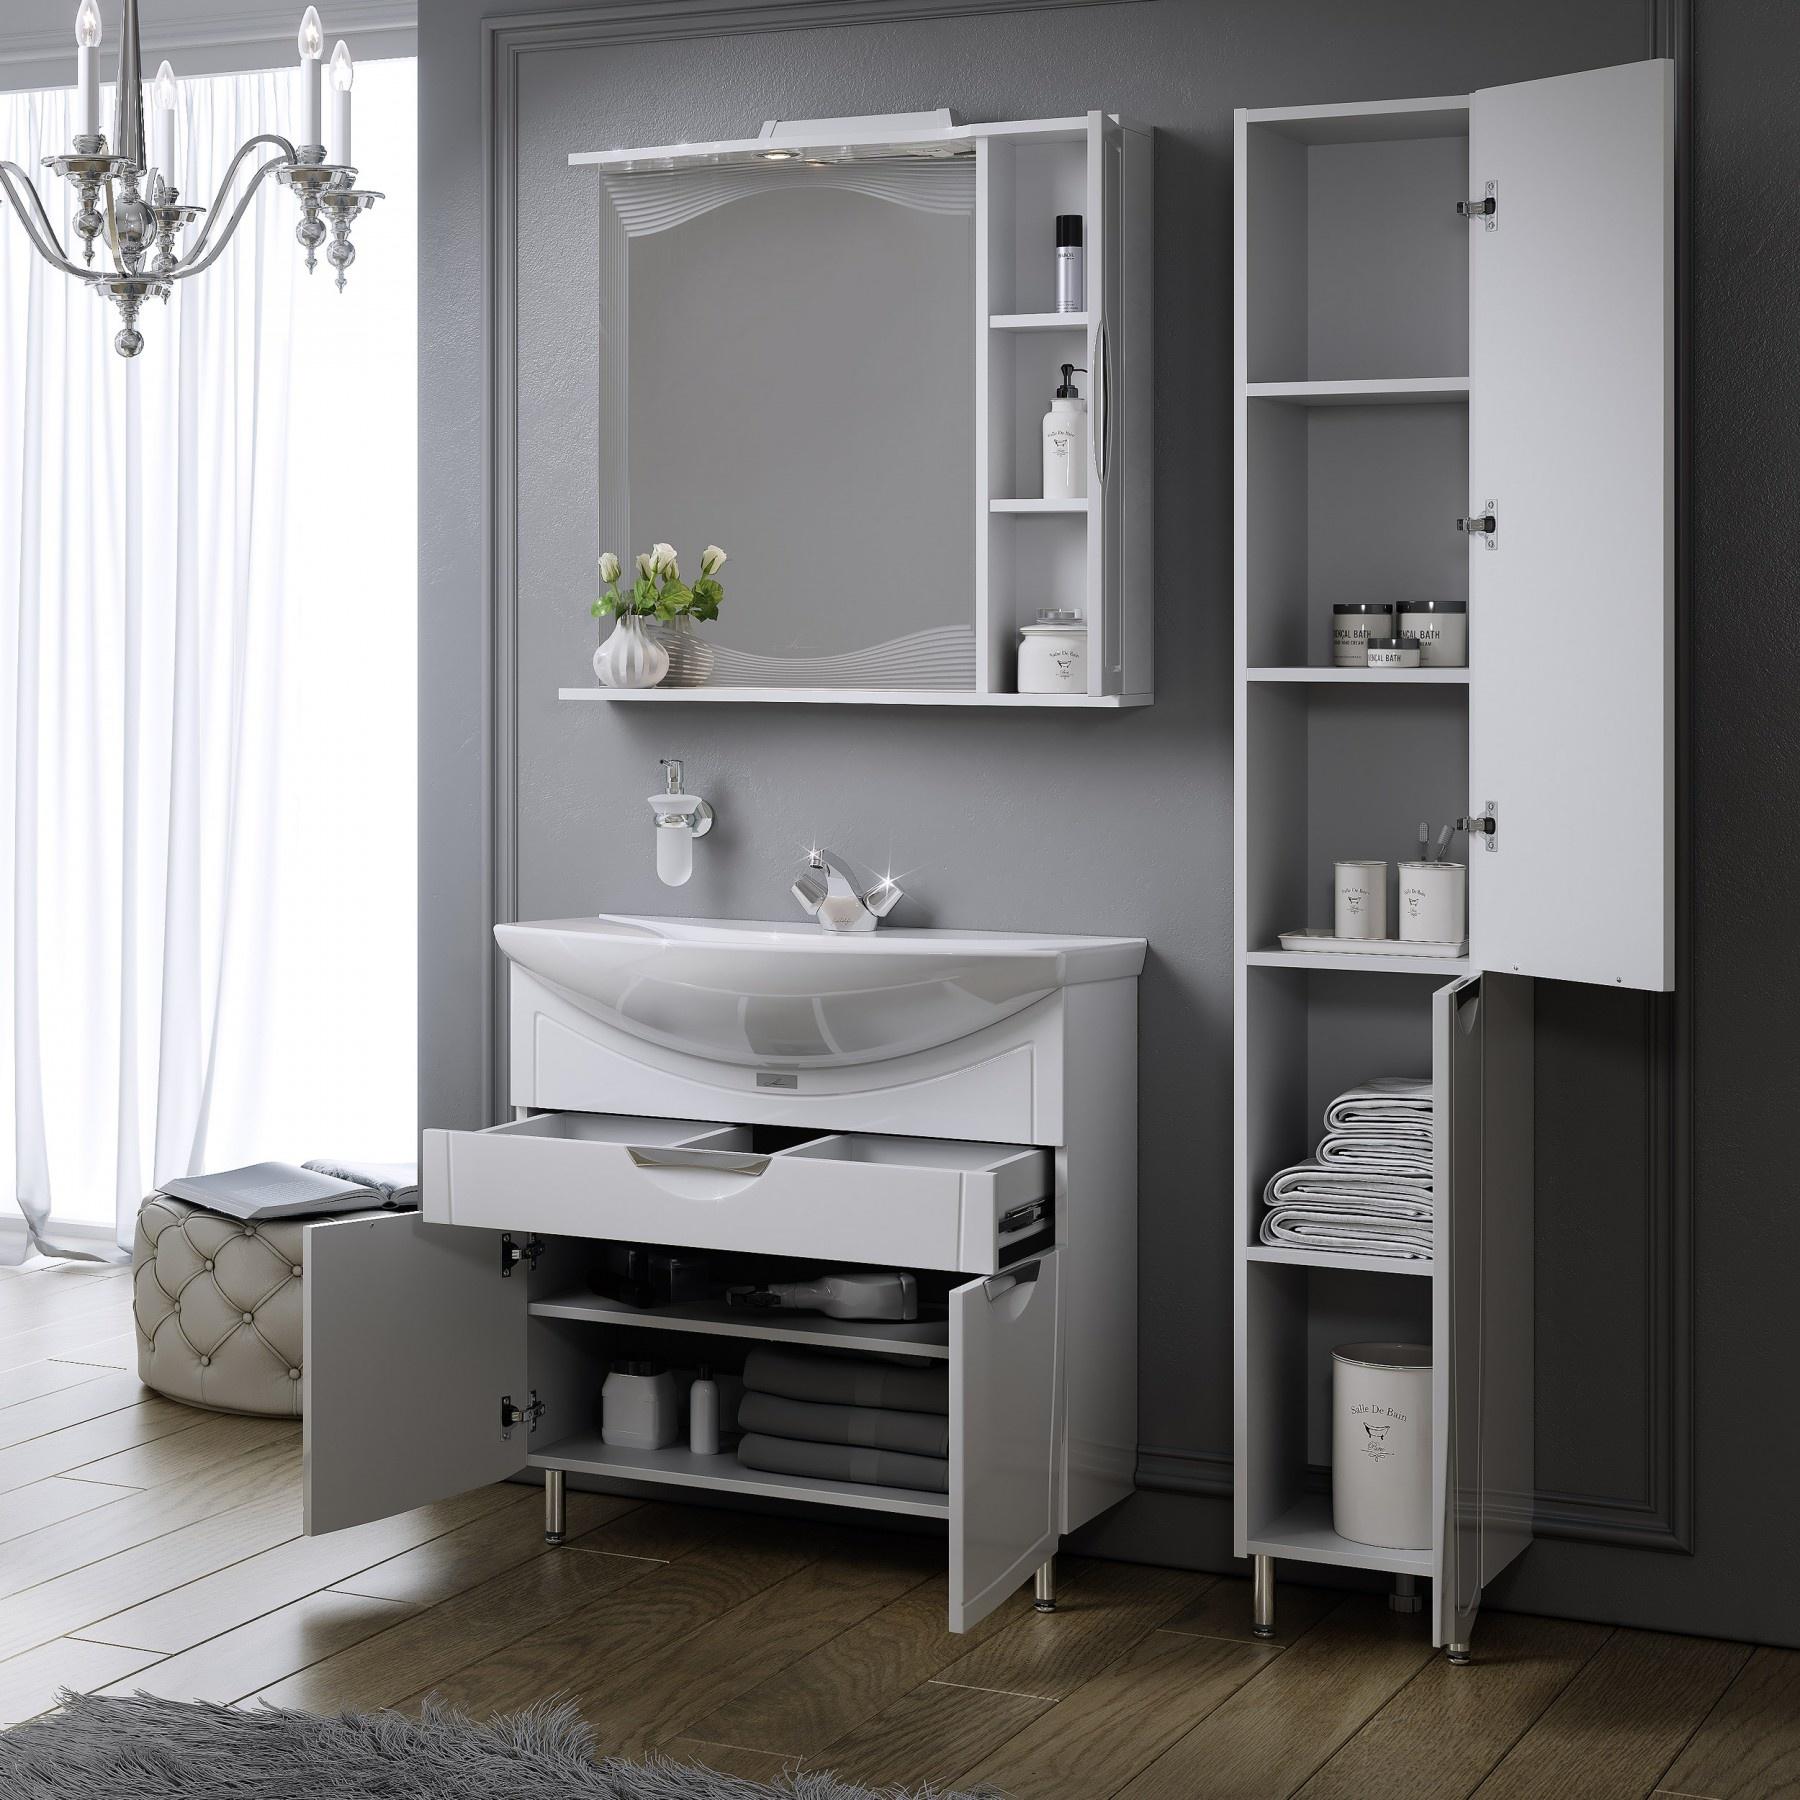 Картинки ванных шкафчиков